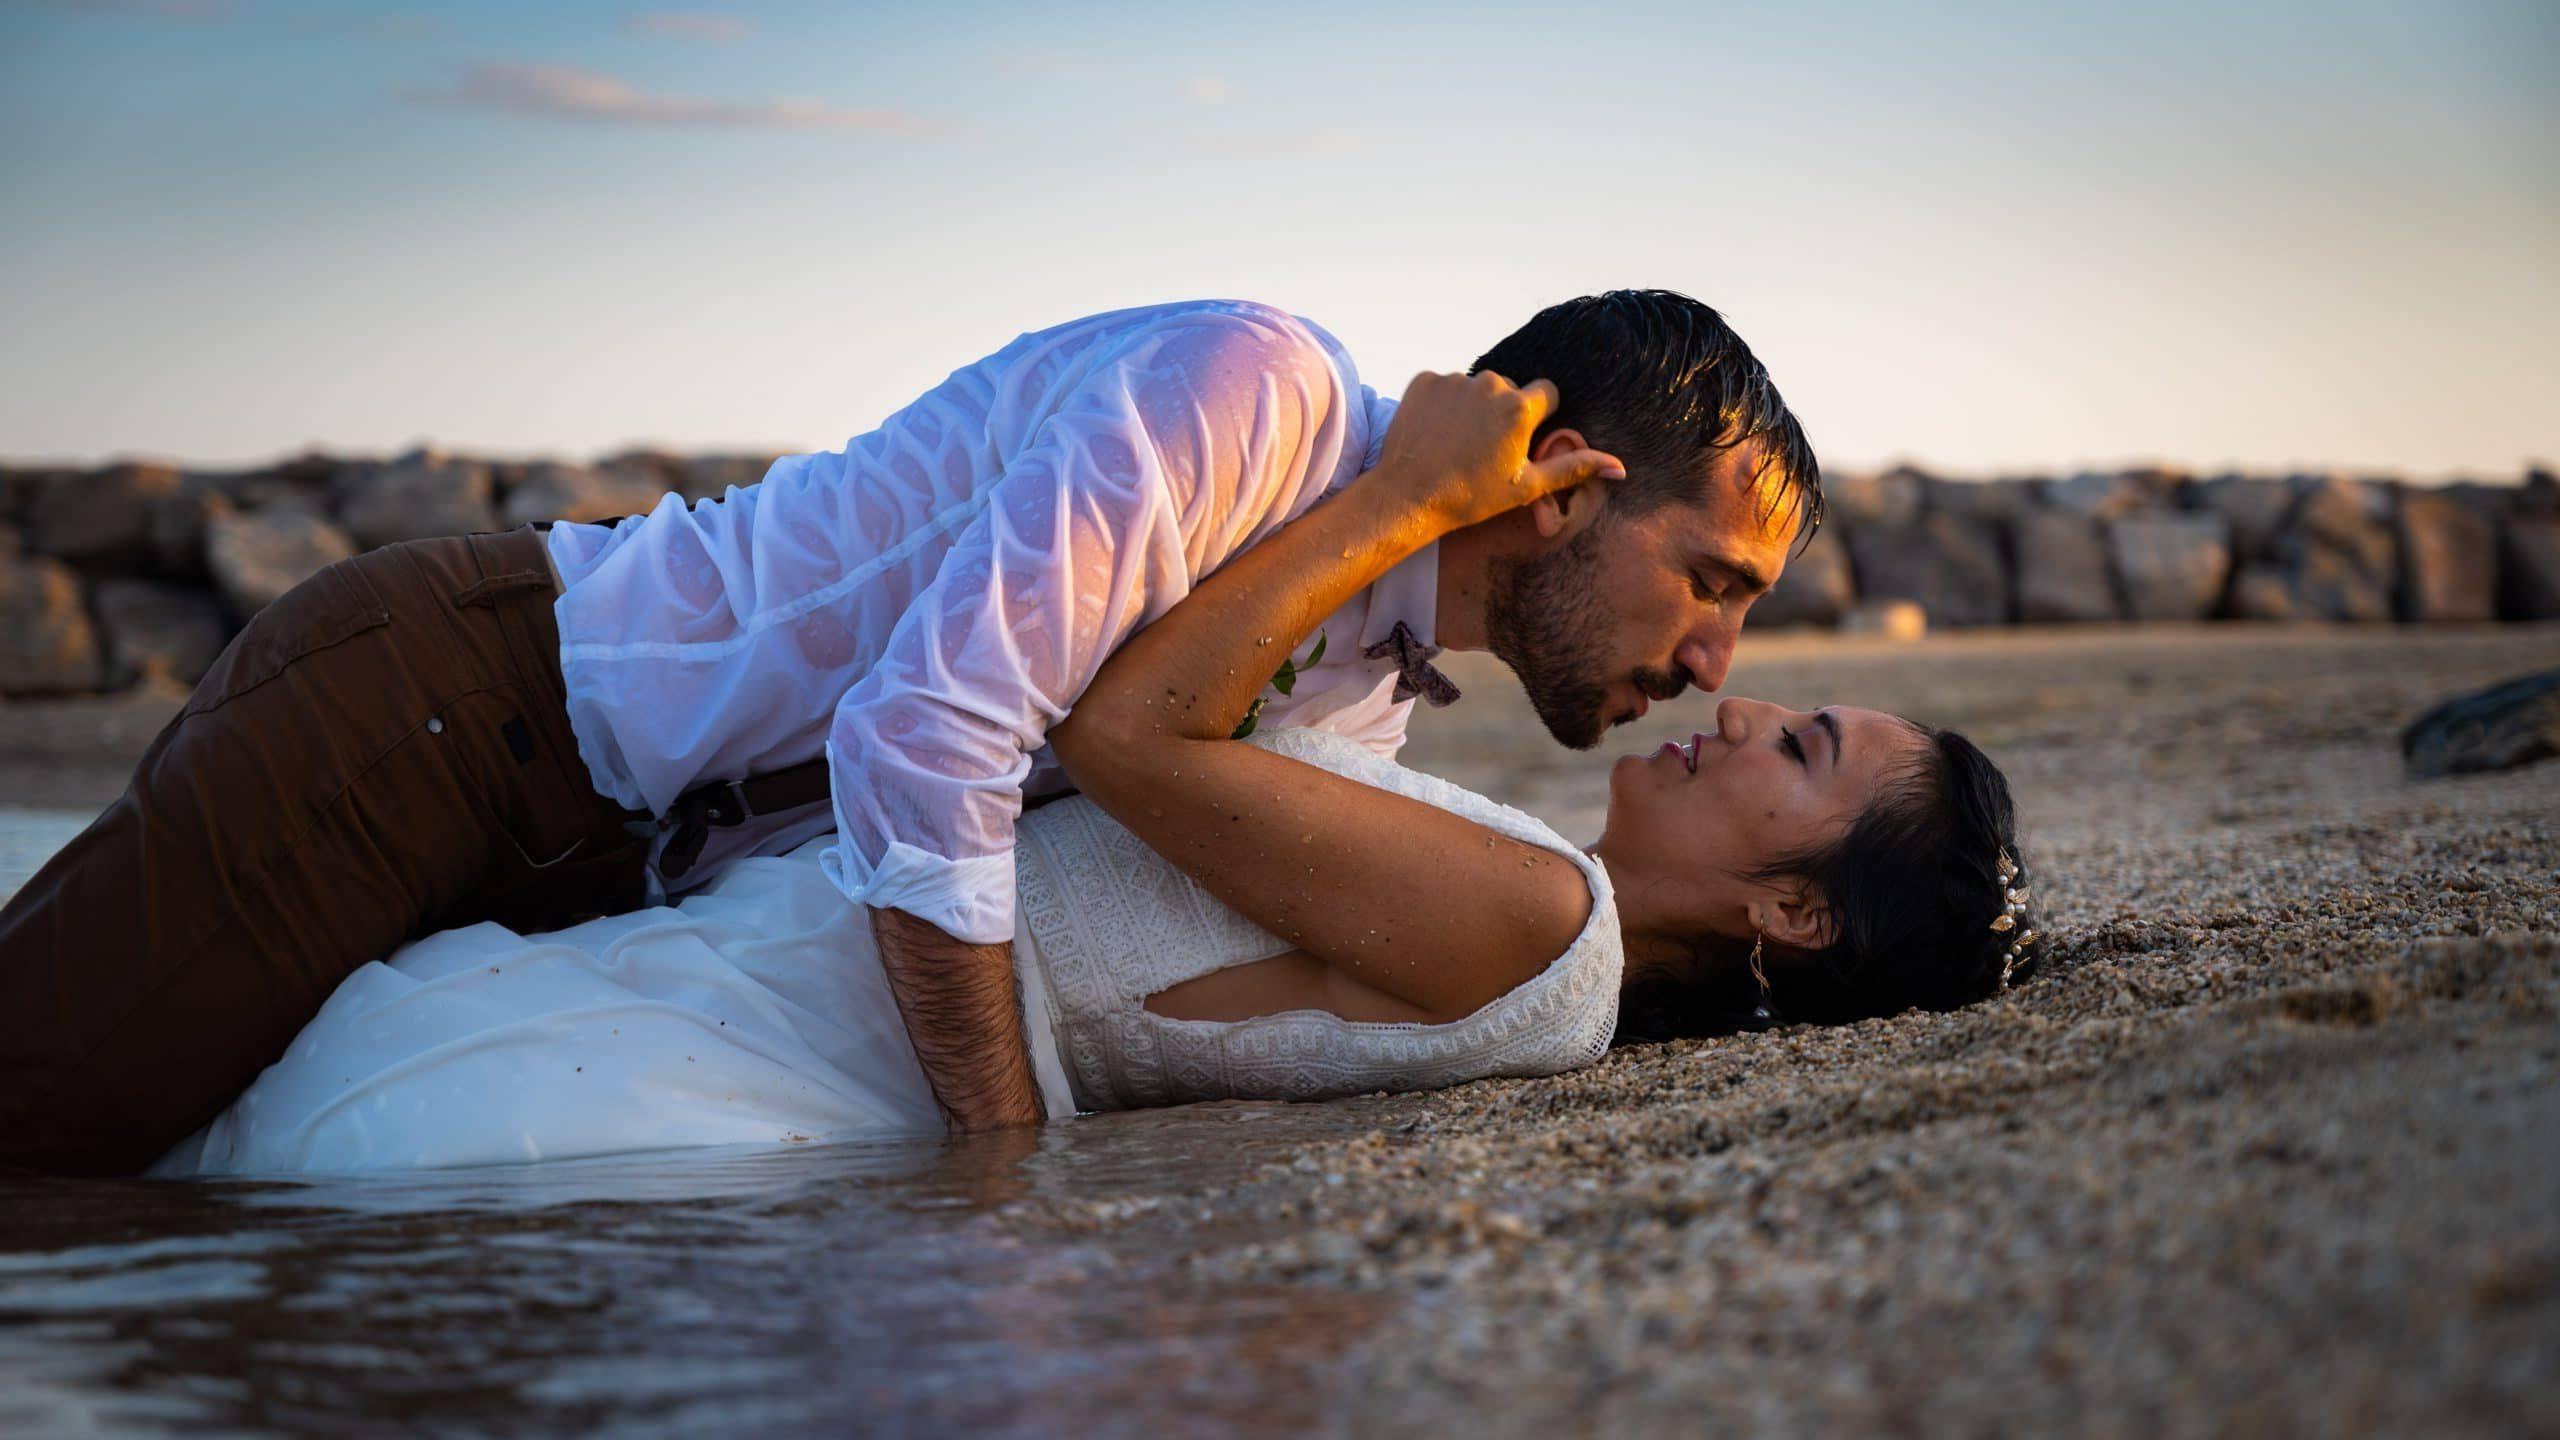 mariage - Day after sur la plage